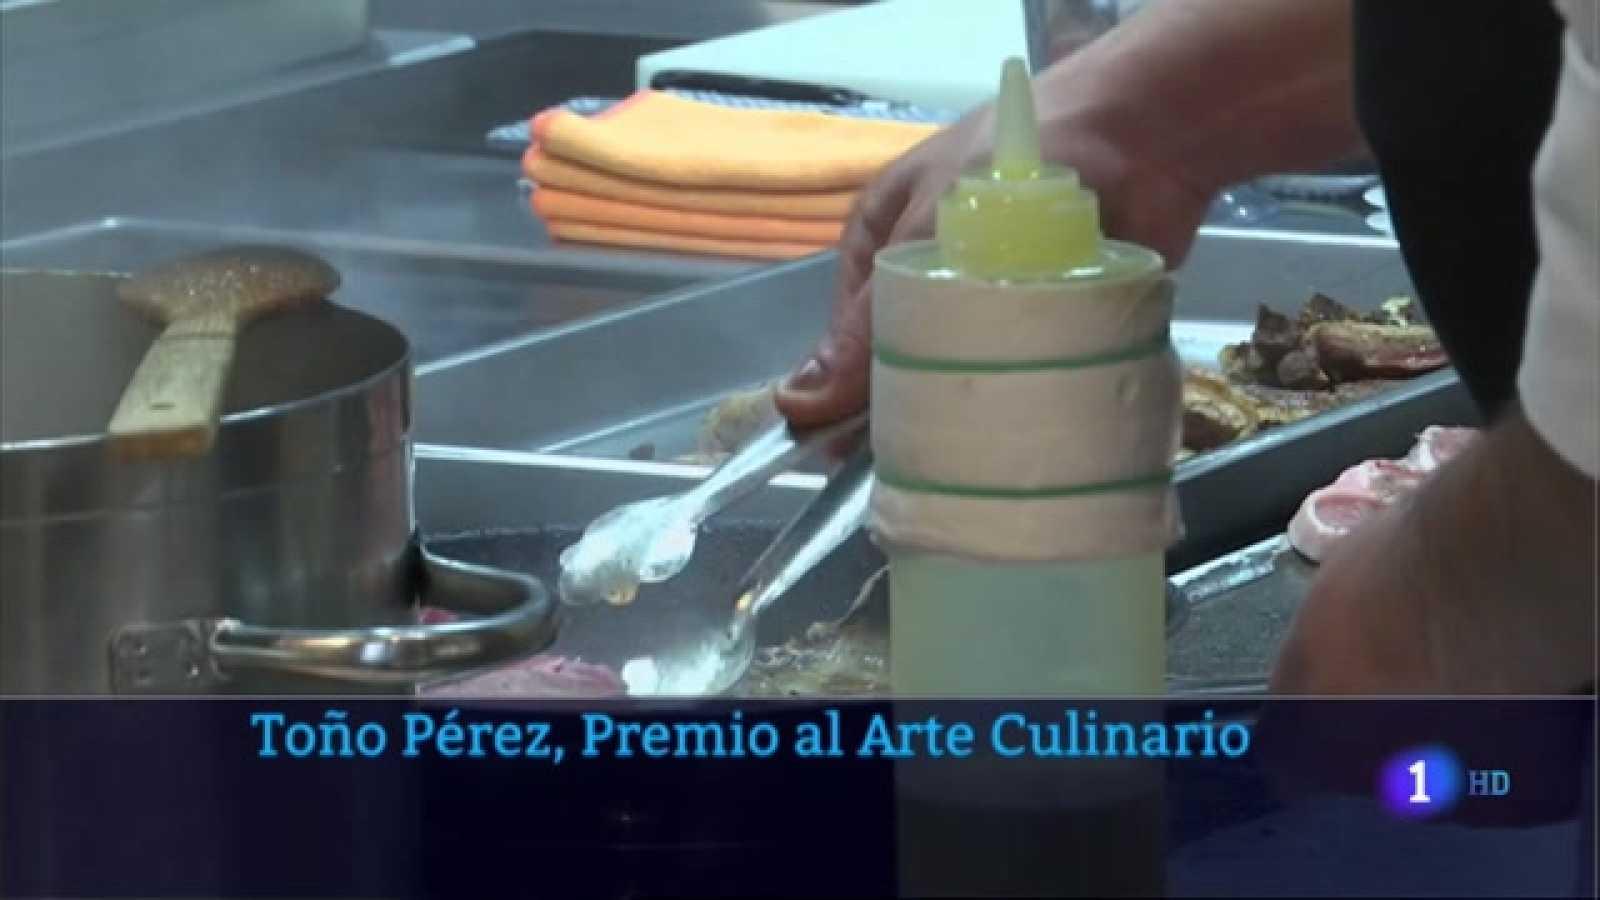 Toño Pérez, premio al arte culinario - 08/04/2021